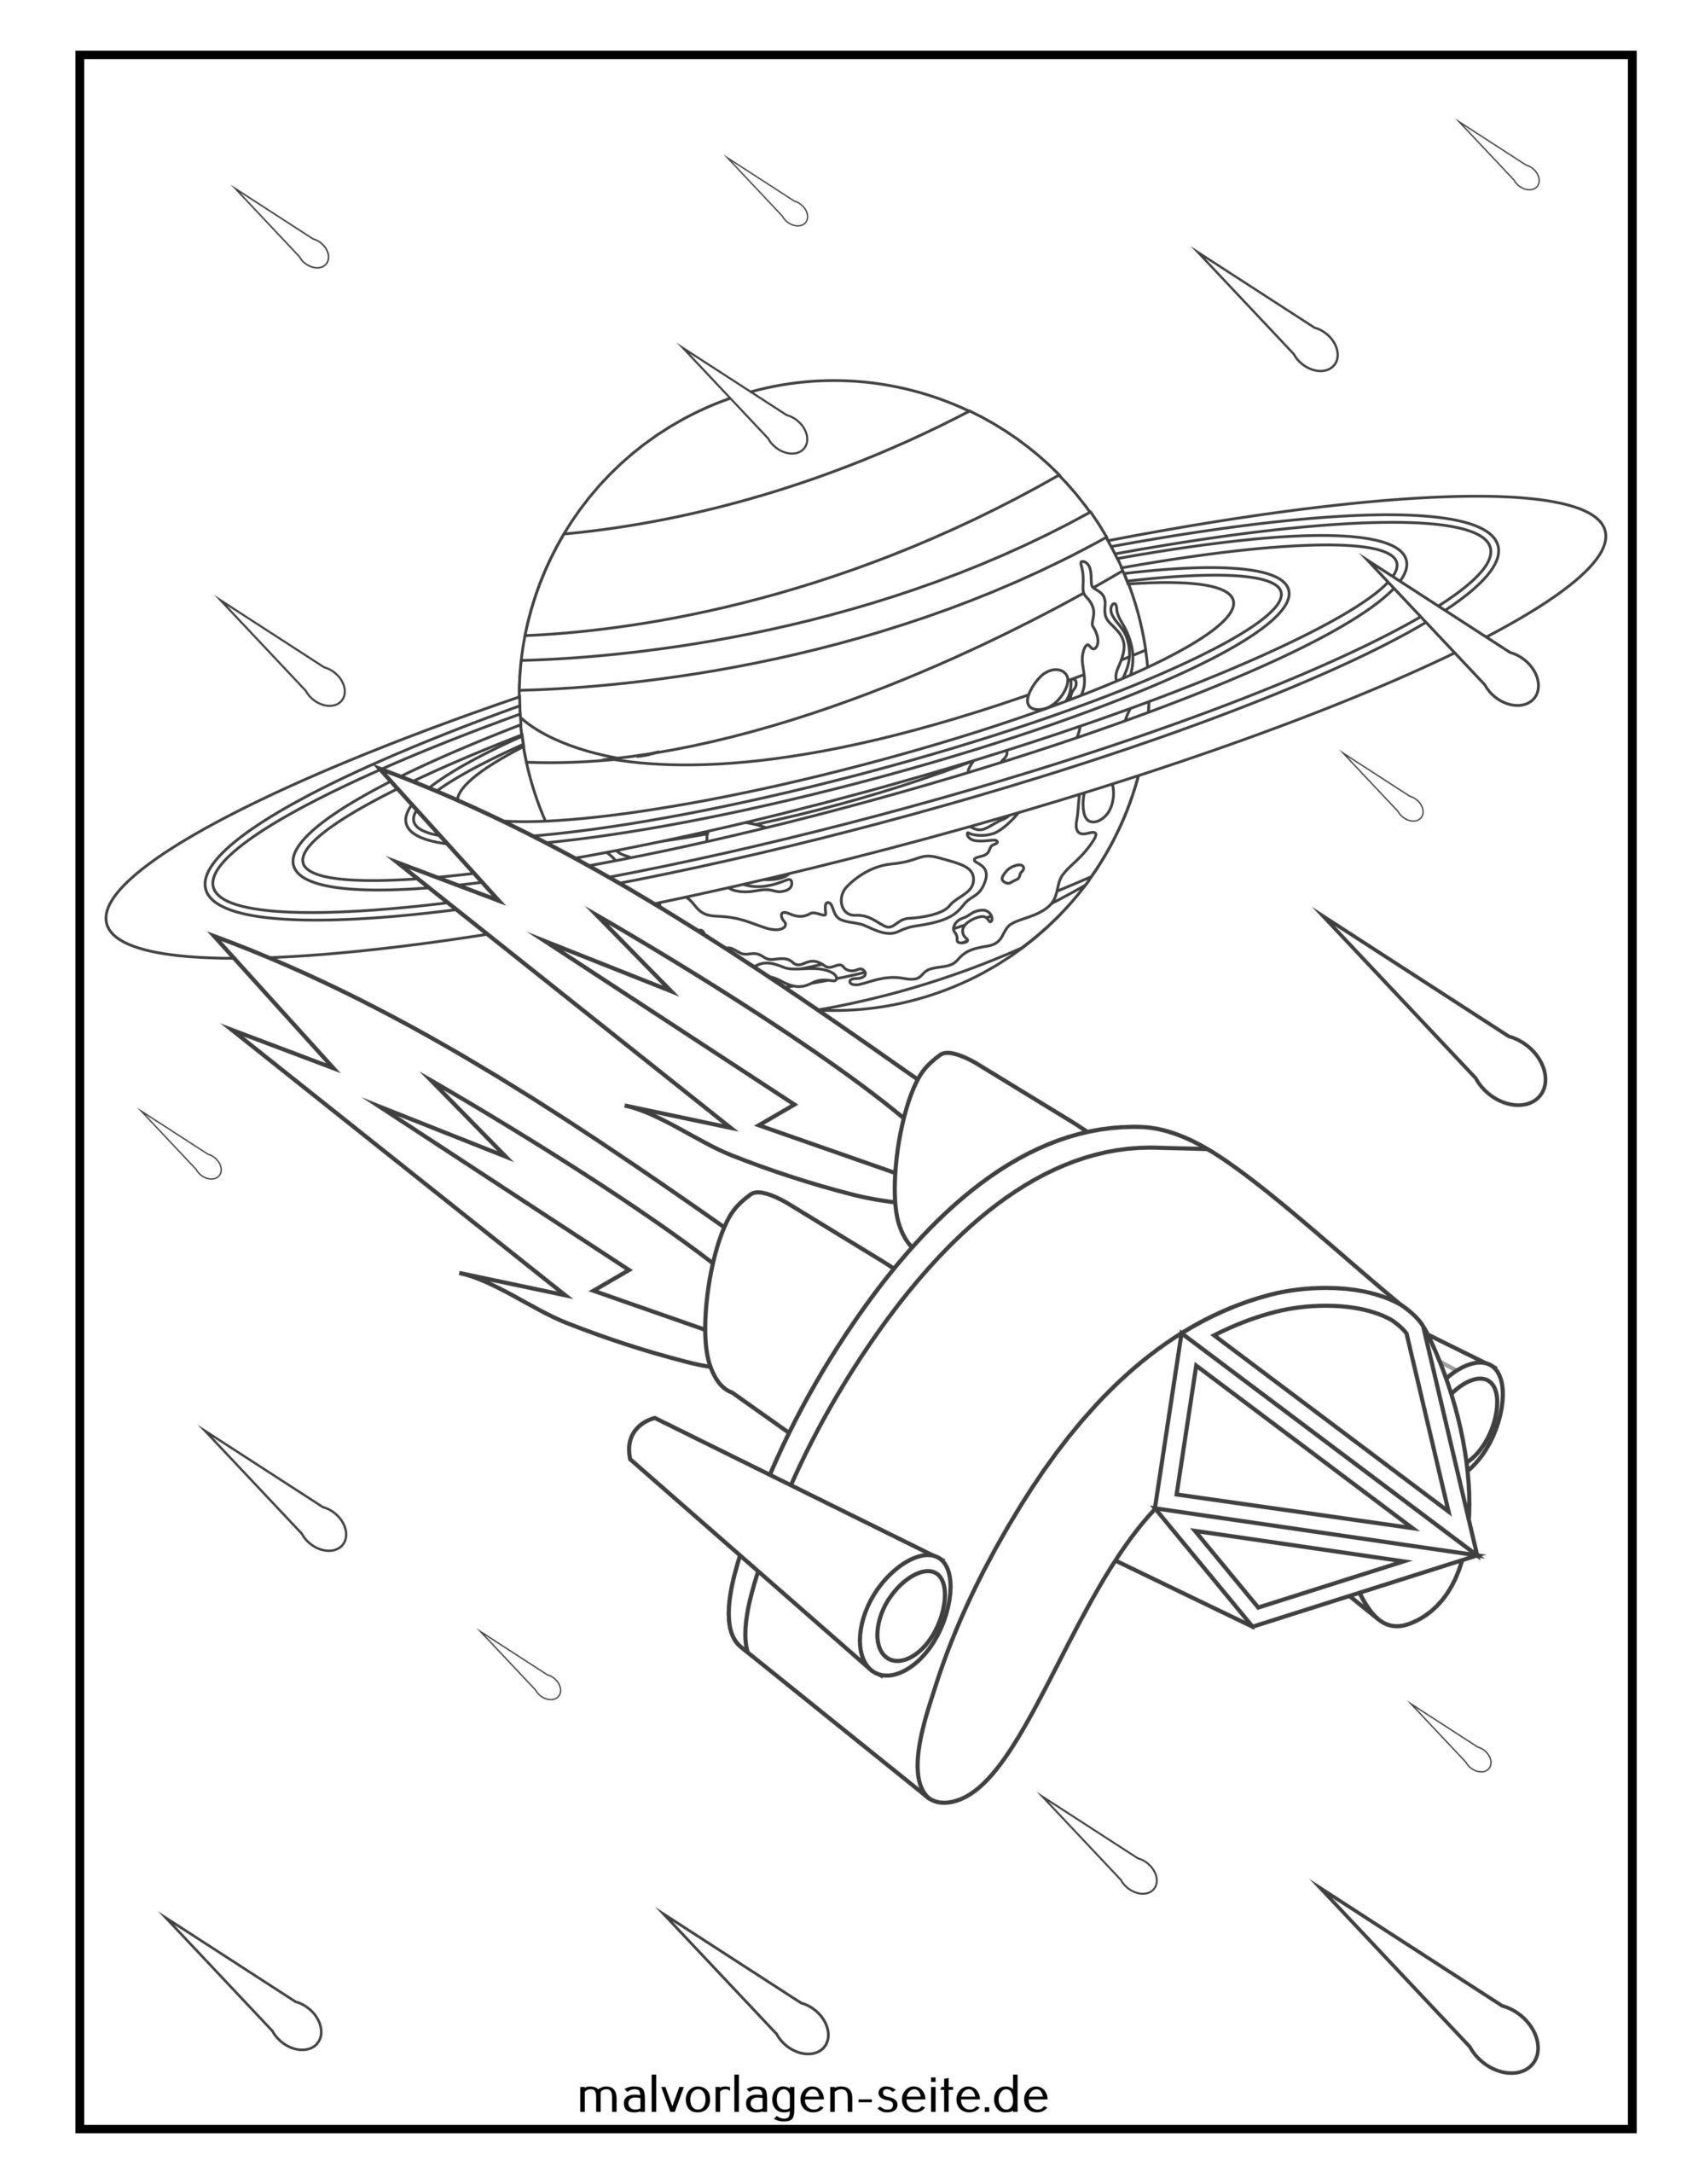 Stranica bojanje vanzemaljski svemirski brod